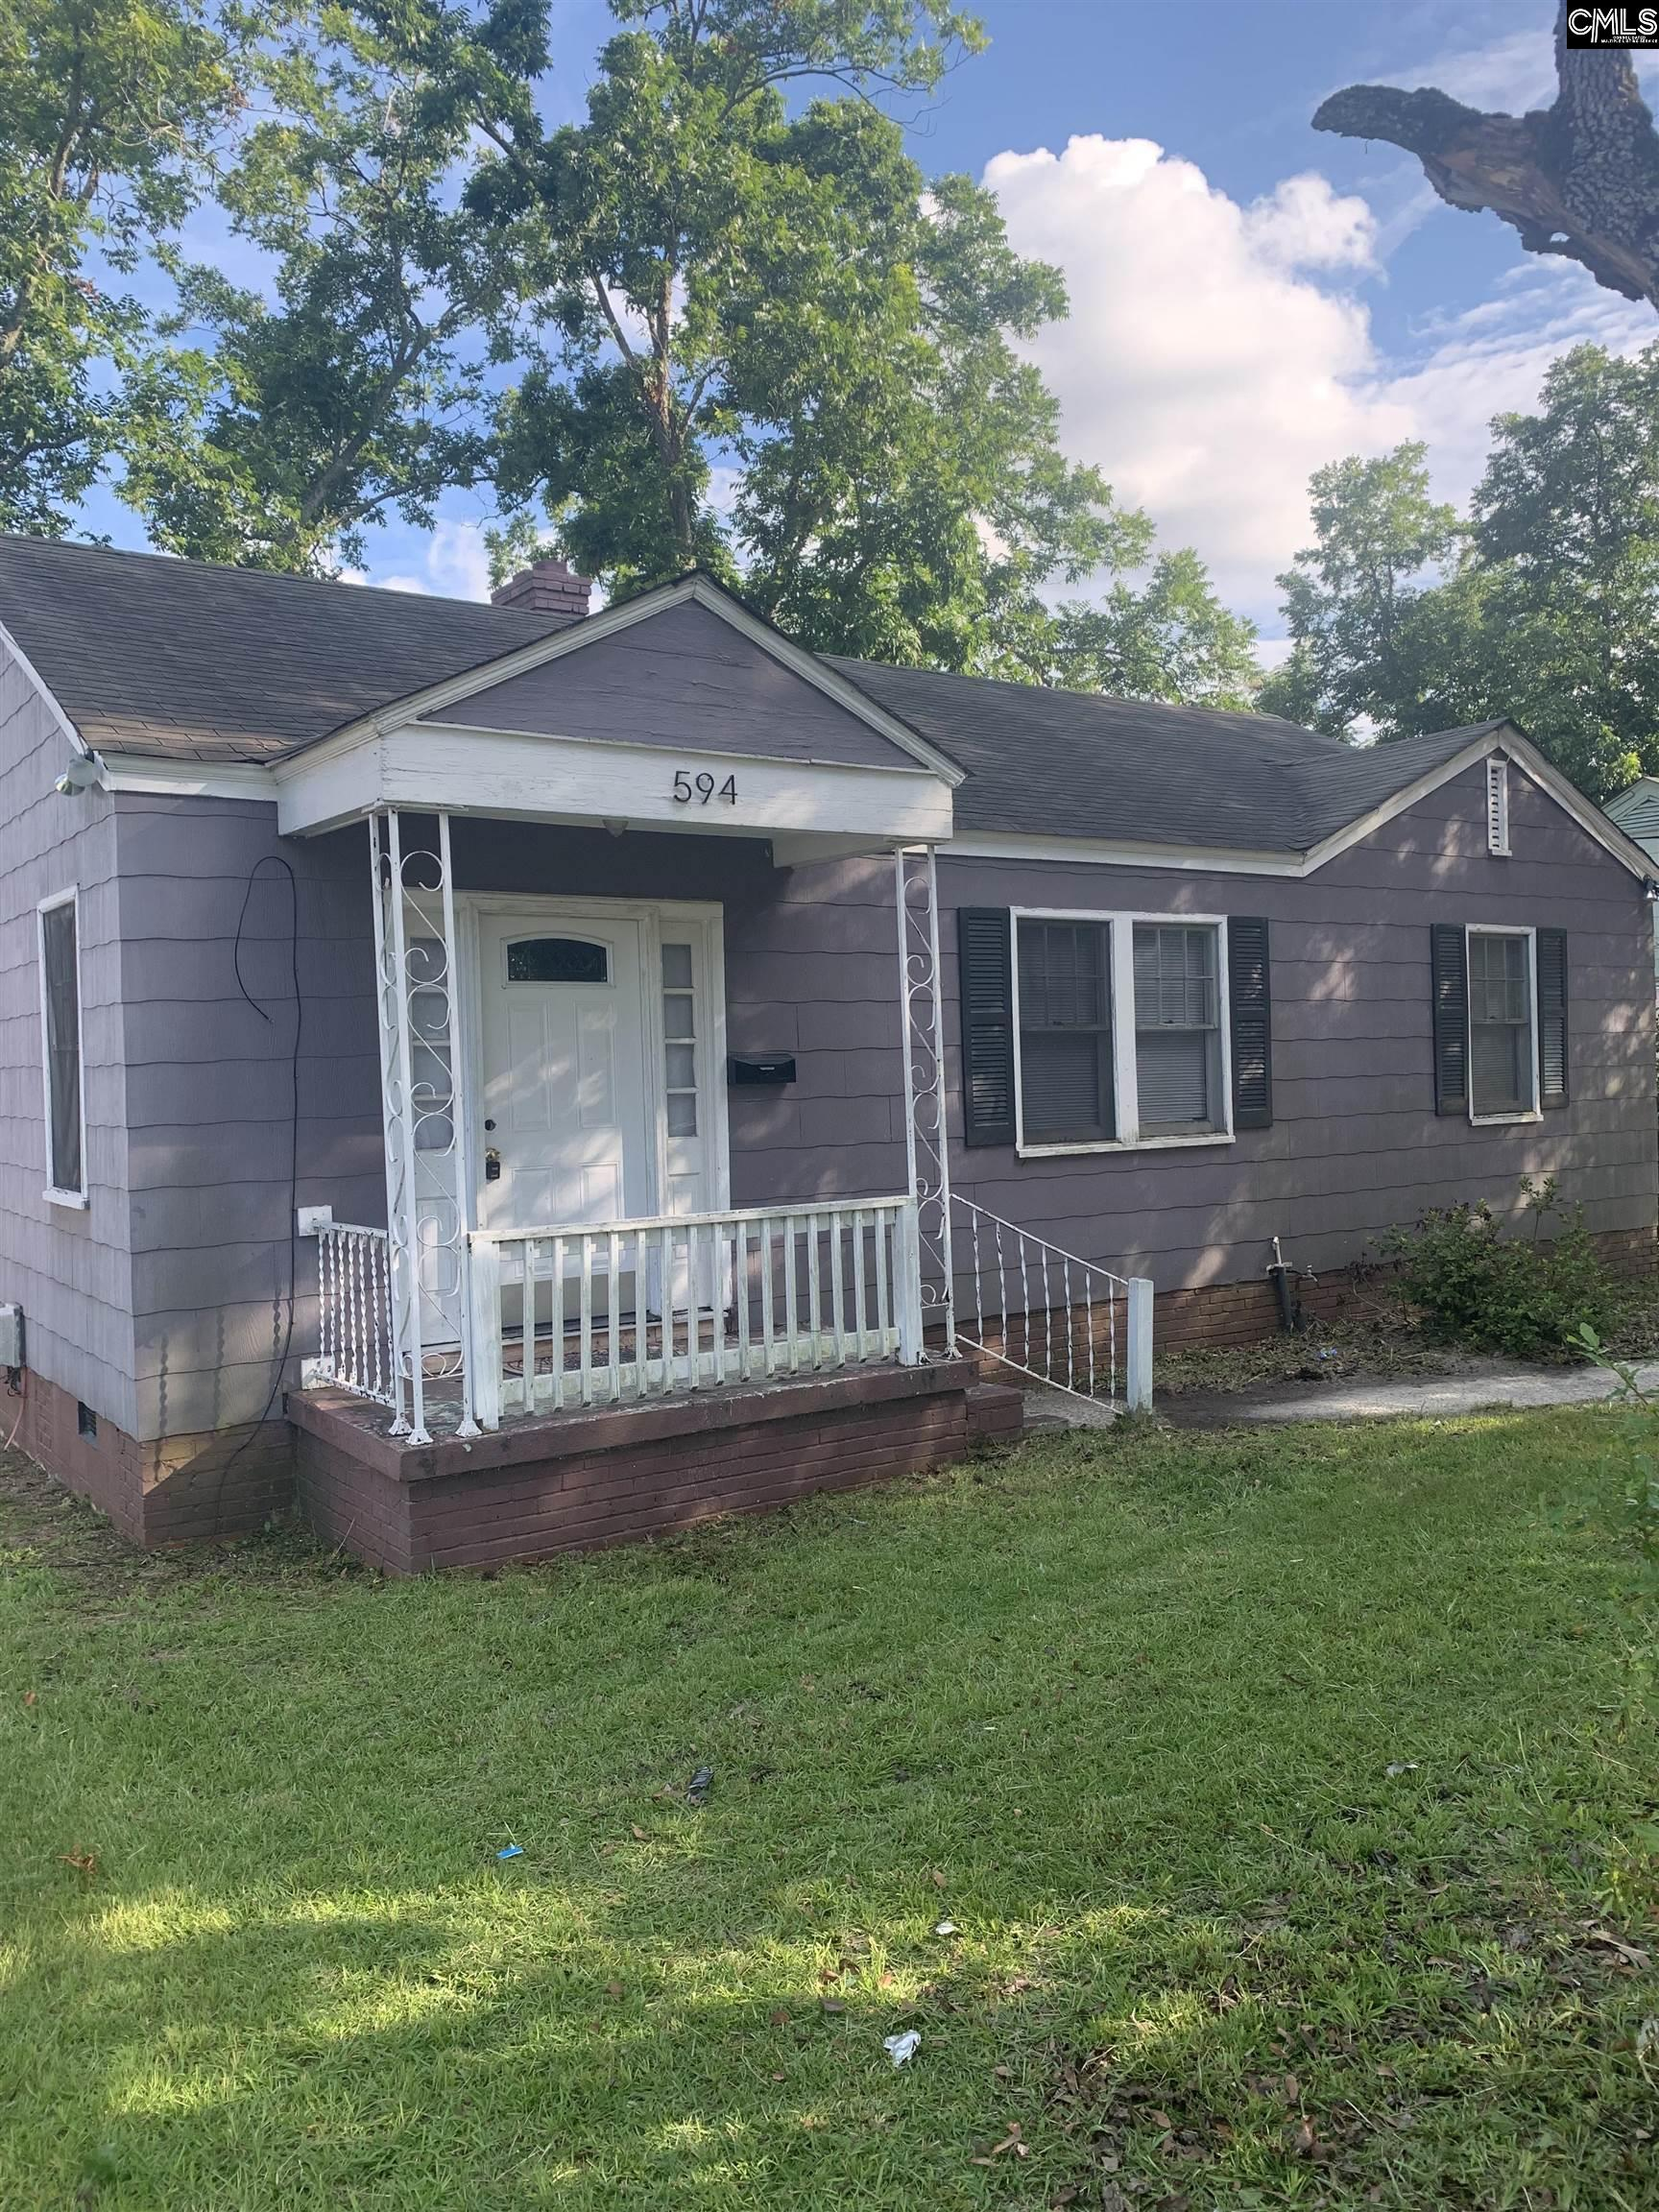 594 Dantzler Street Orangeburg, SC 29115